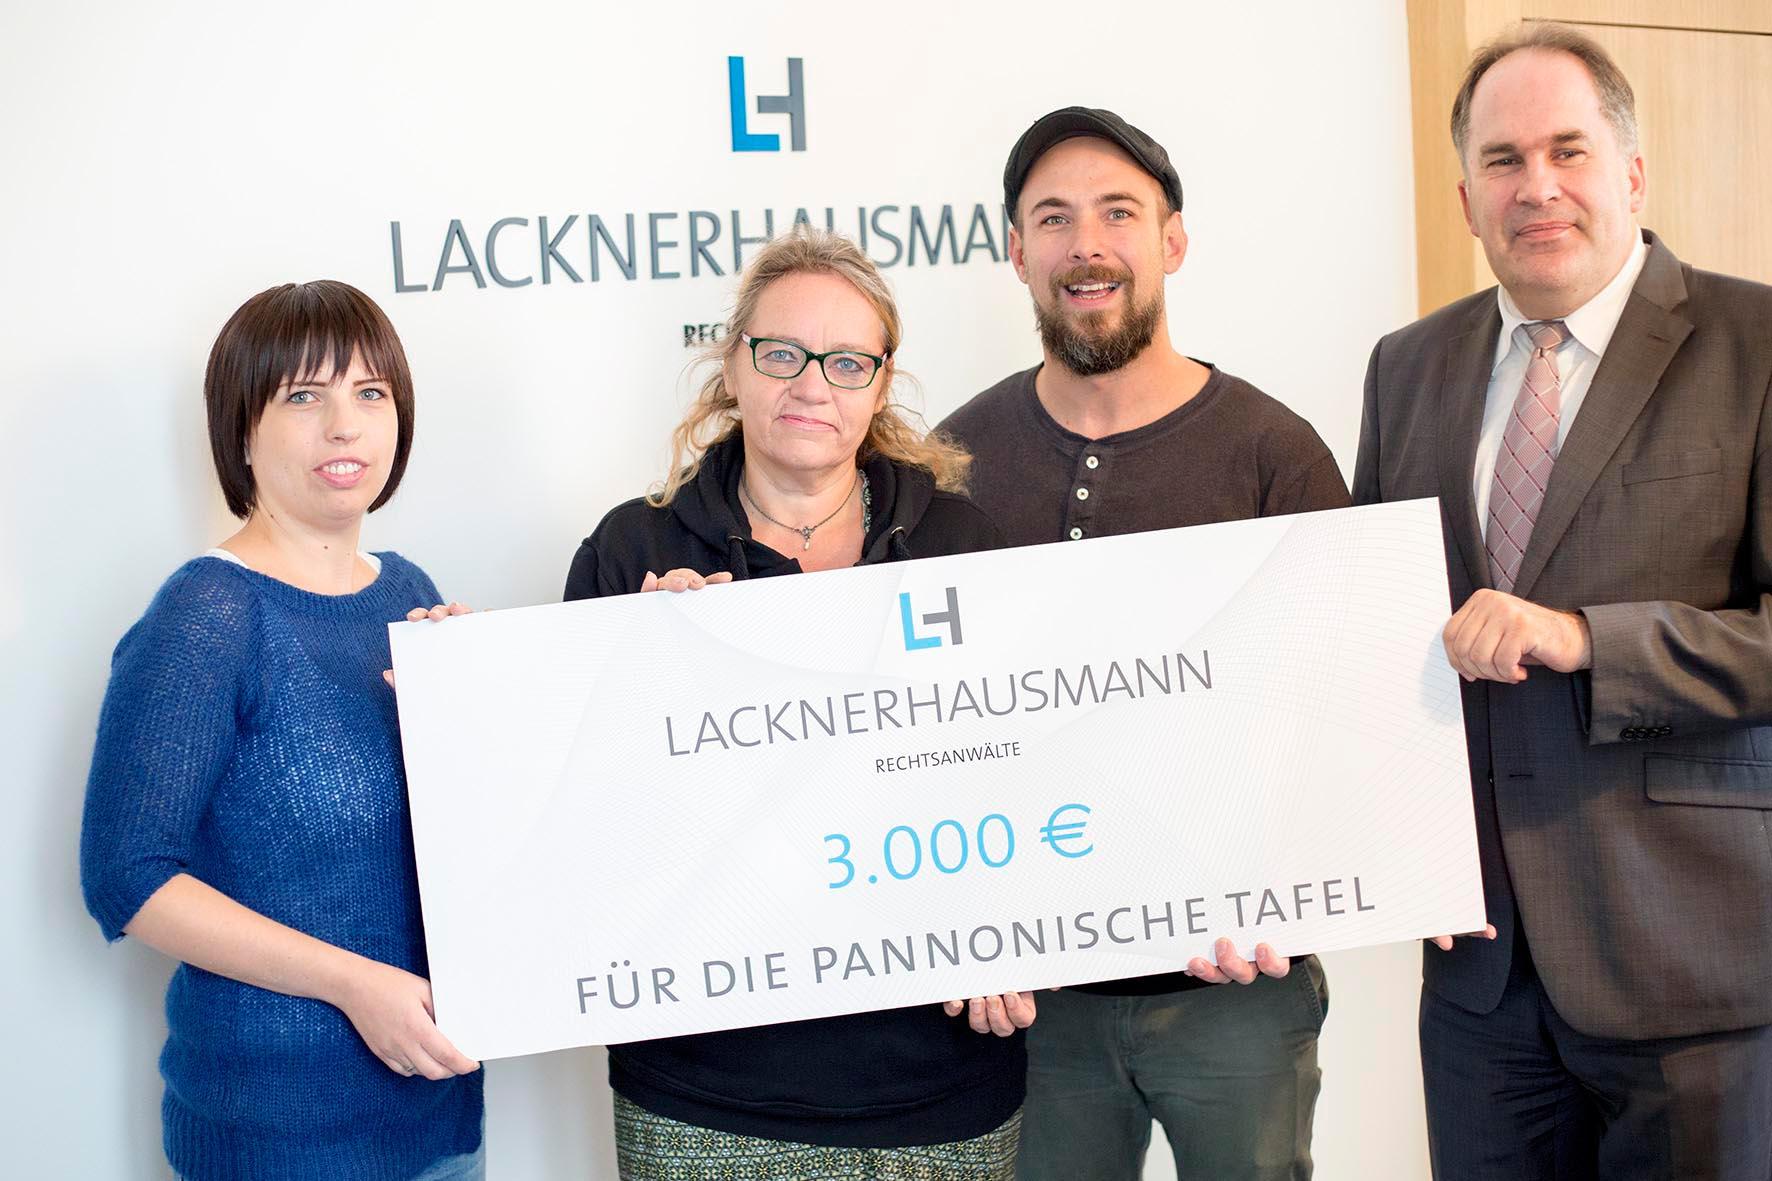 3.000 Euro Spende für Pannonische Tafel